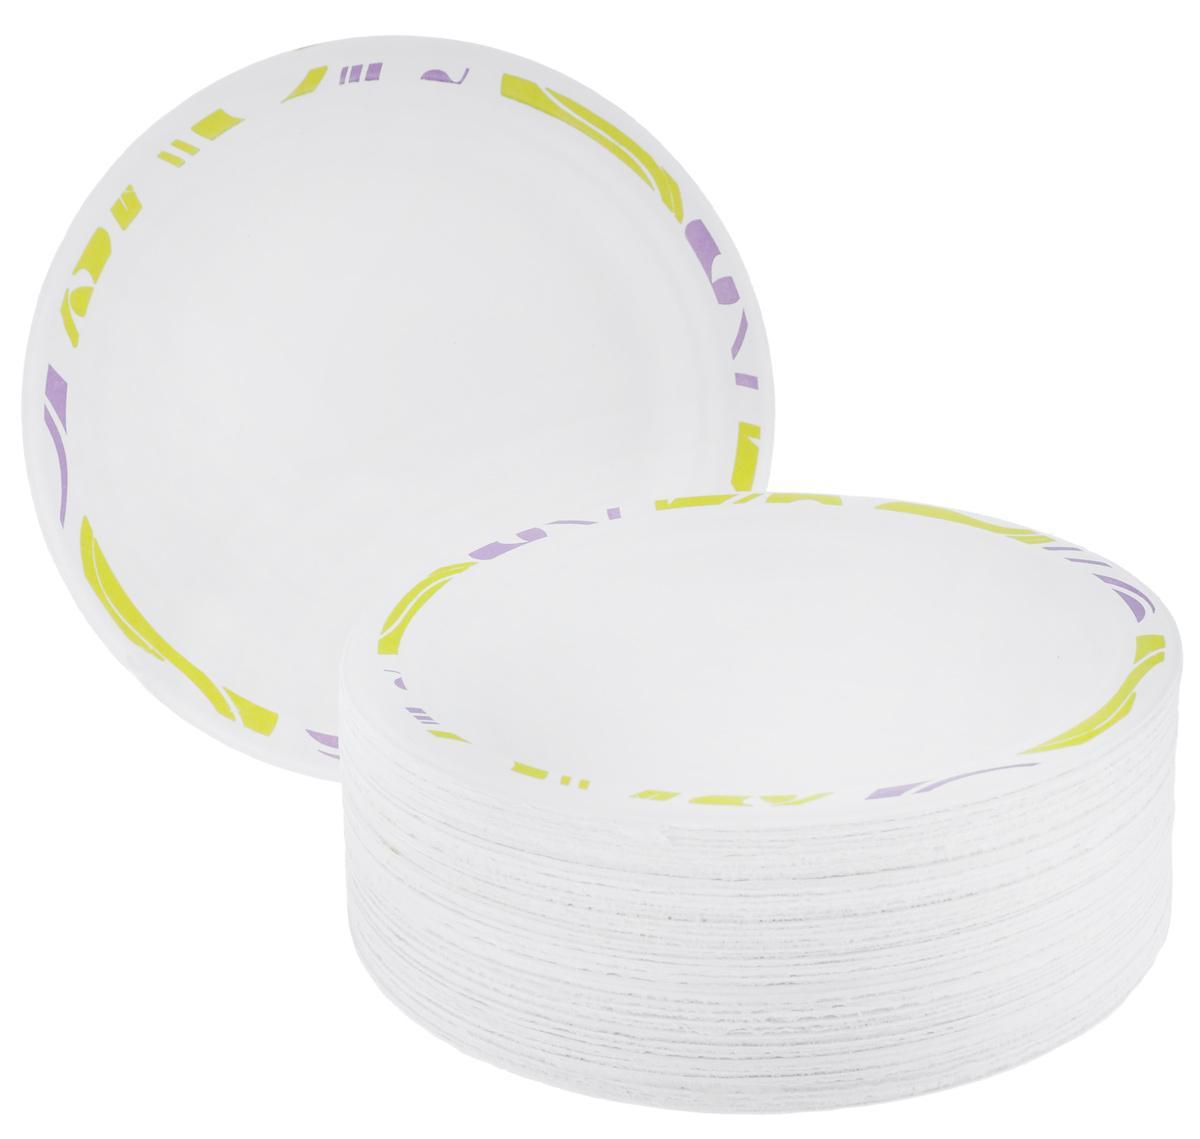 Набор одноразовых тарелок Chinet Flavour, цвет: белый, светло-зеленый, диаметр 17 см, 50 штПОС17667Набор Flavour Chinet  состоит из 50 круглых тарелок, выполненных из плотной бумаги и предназначенных для одноразового использования. Изделия декорированы оригинальным узором. Одноразовые тарелки будут незаменимы при поездках на природу, пикниках и других мероприятиях. Они не займут много места, легки и самое главное - после использования их не надо мыть. Диаметр тарелки: 17 см. Высота тарелки: 1,5 см.